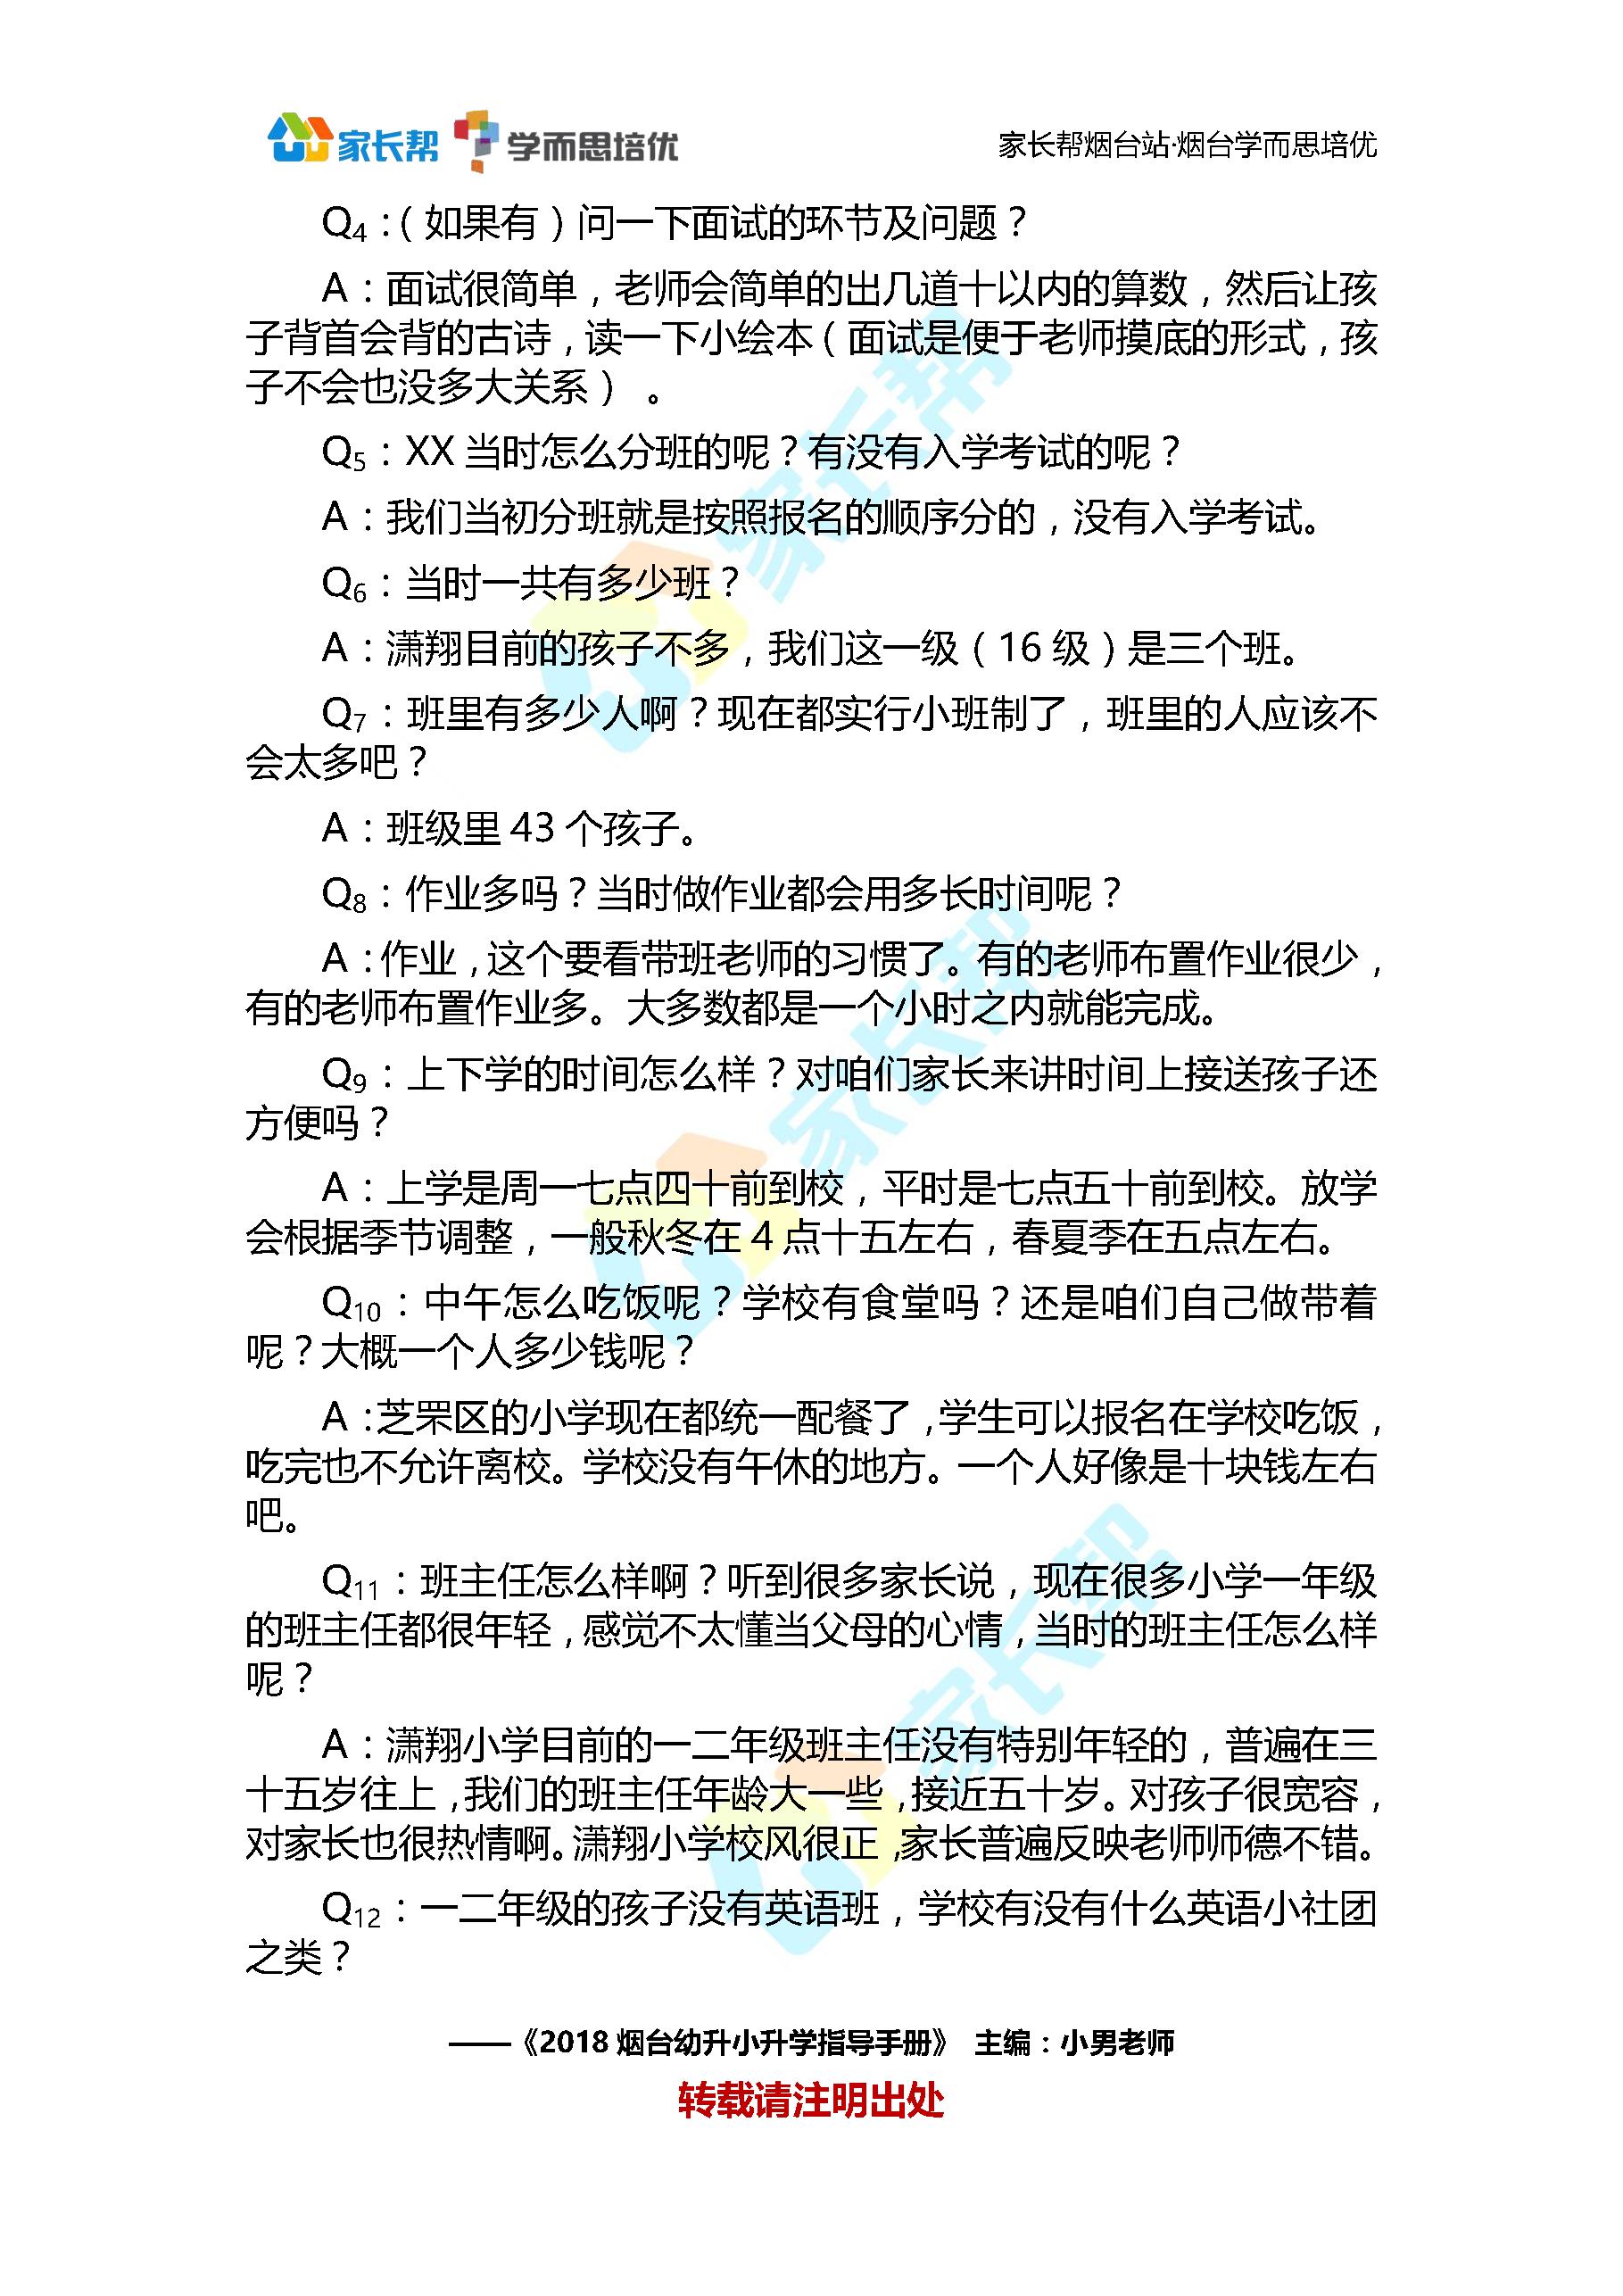 潇翔小学信息_页面_2.png